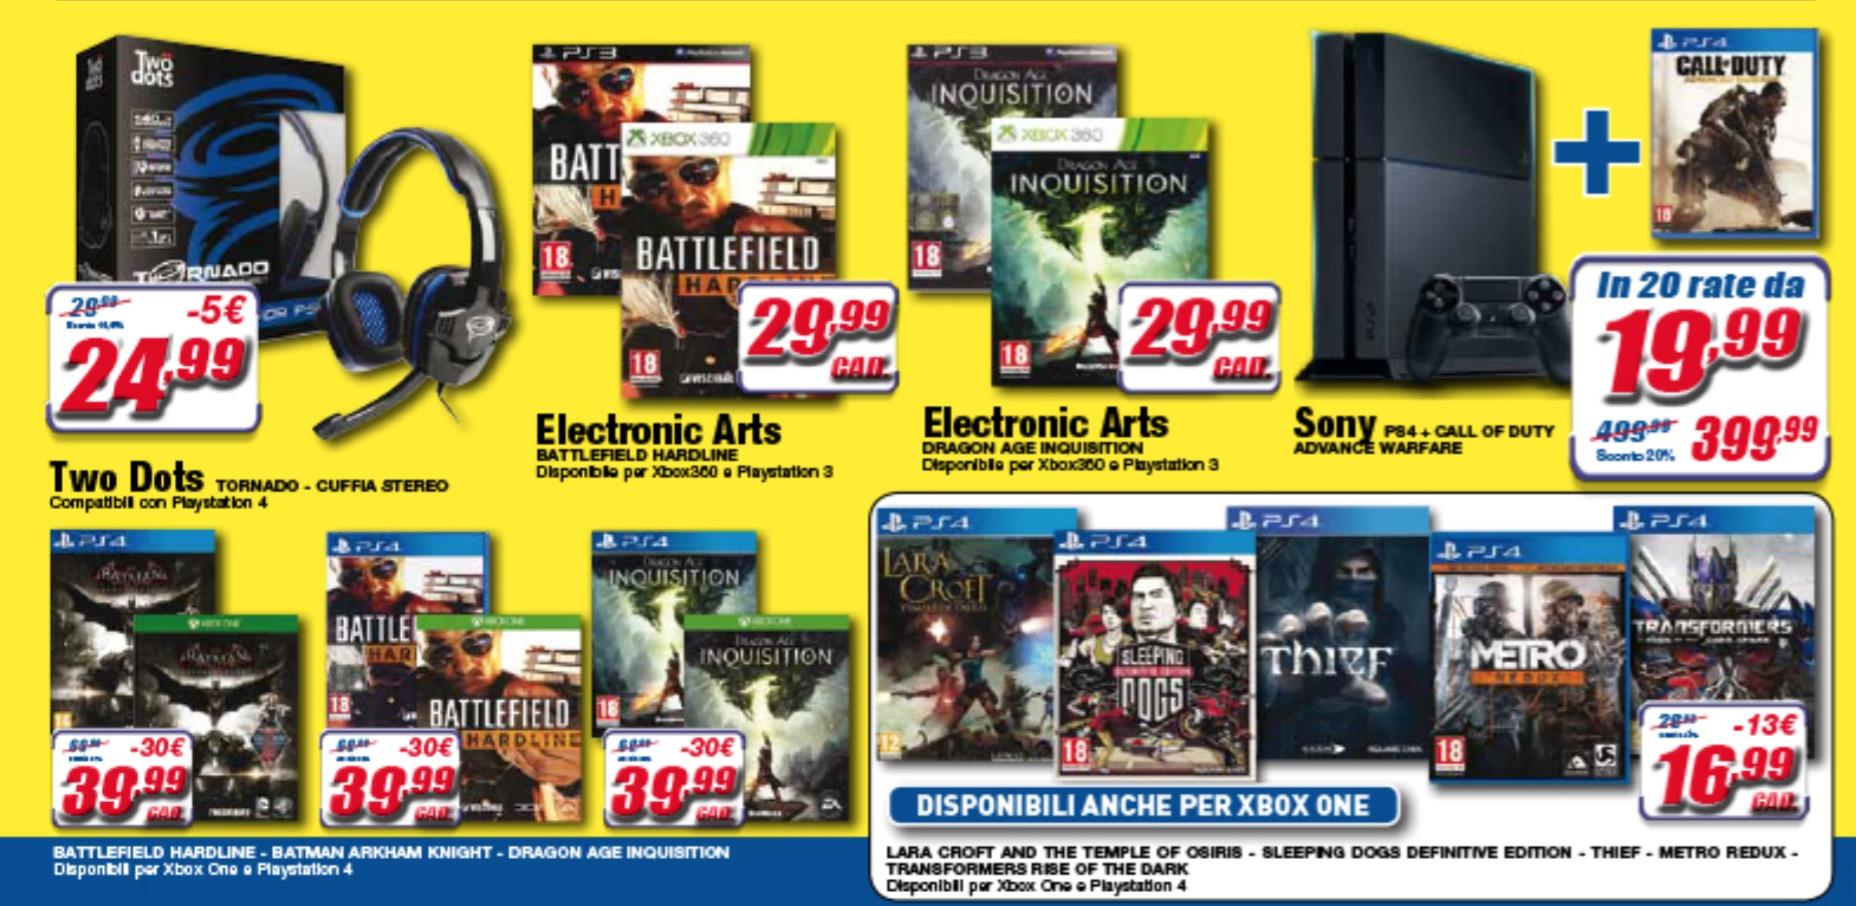 Le offerte di settembre 2015 per le console Xbox One e PlayStation 4